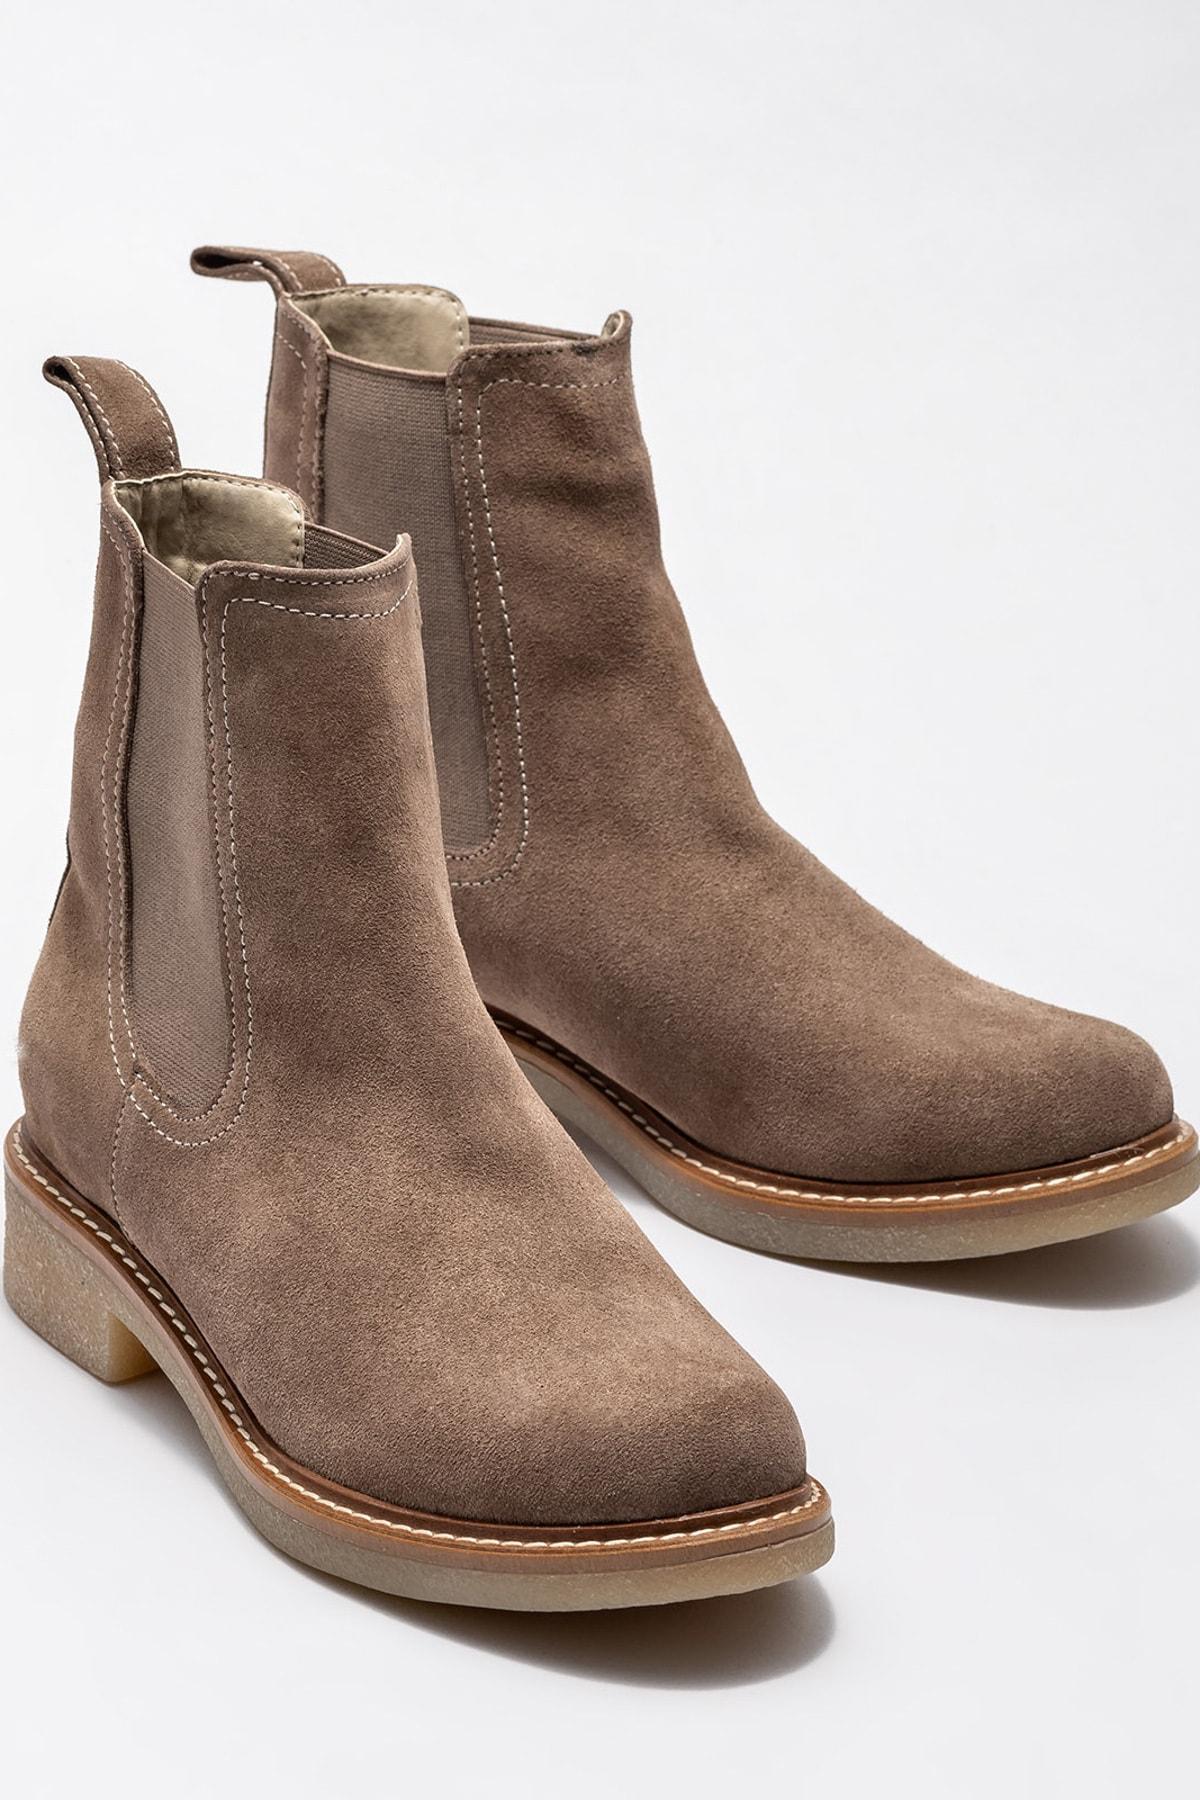 Elle Shoes Vizon Deri Kadın Günlük Düz Bot 2